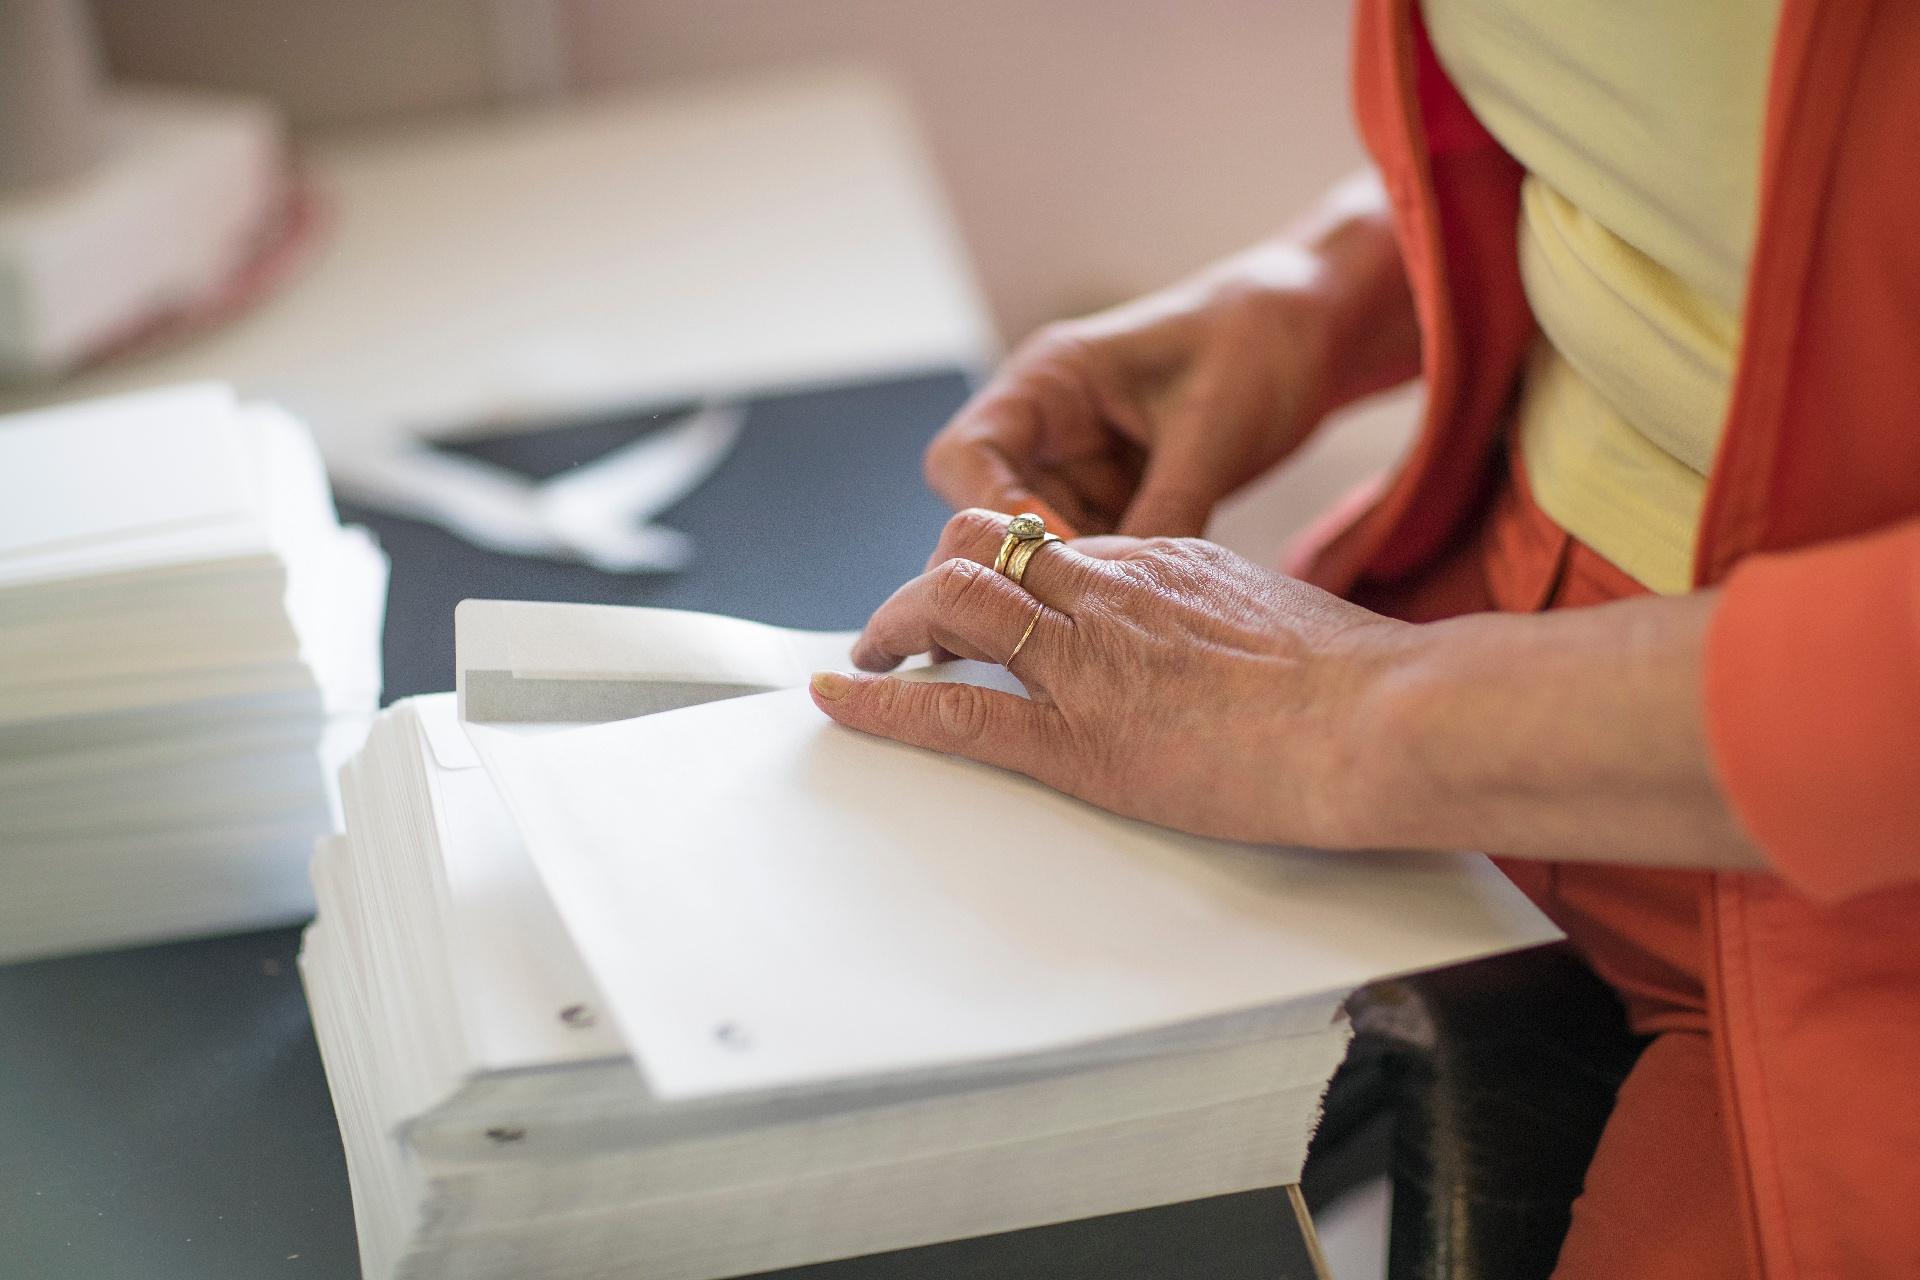 Valmennettava käsittelee papereita printti- ja postituspalveluiden työelämäympäristössä.